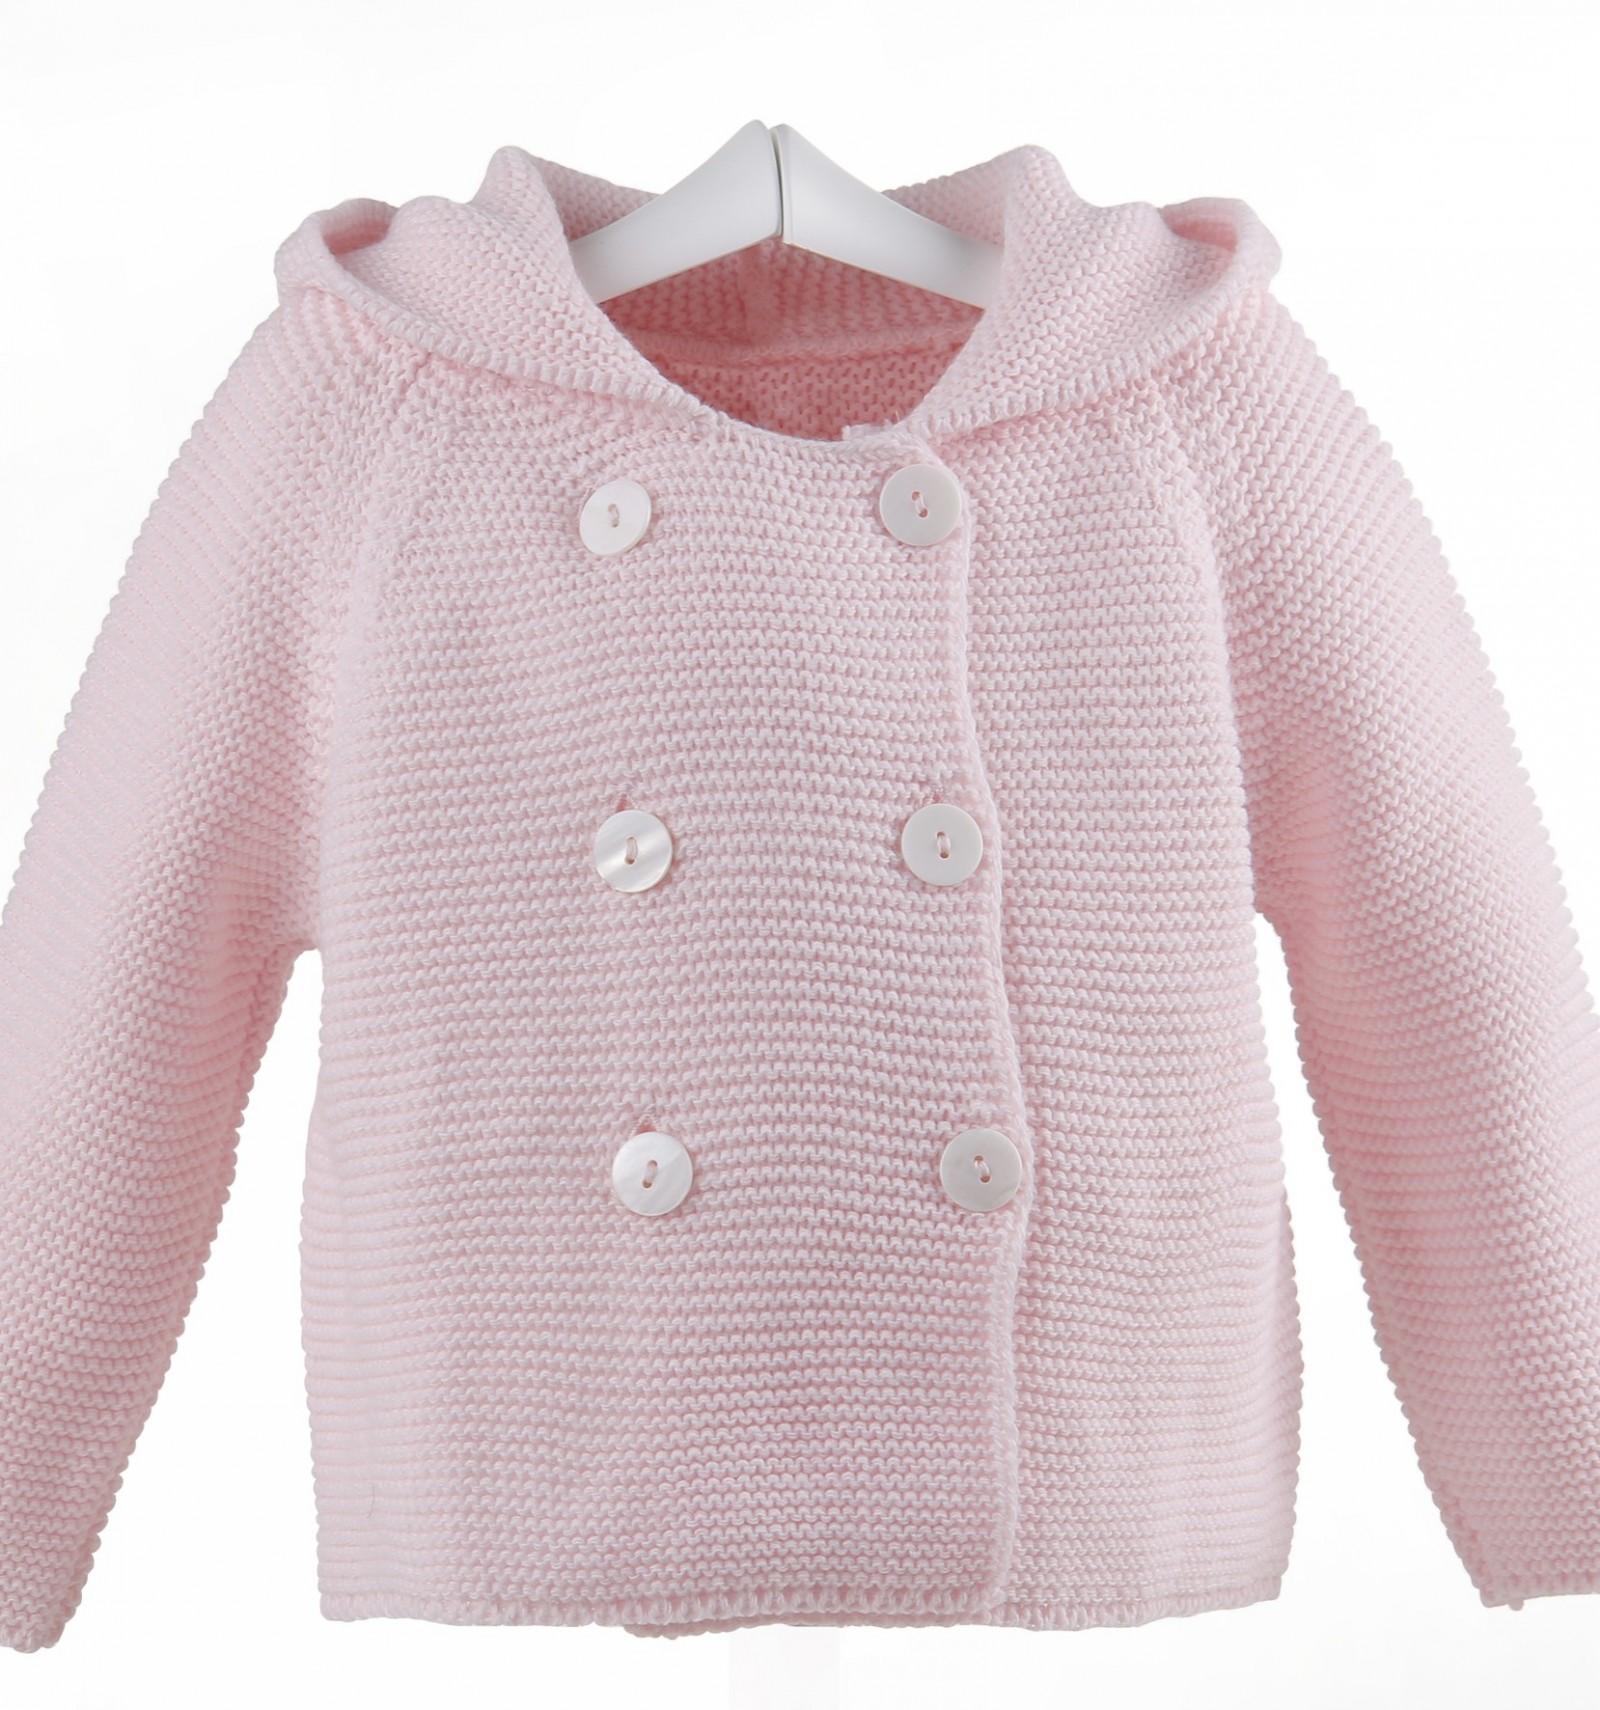 1e9f5c9b4 Abrigo de lana para bebé cruzado con capucha